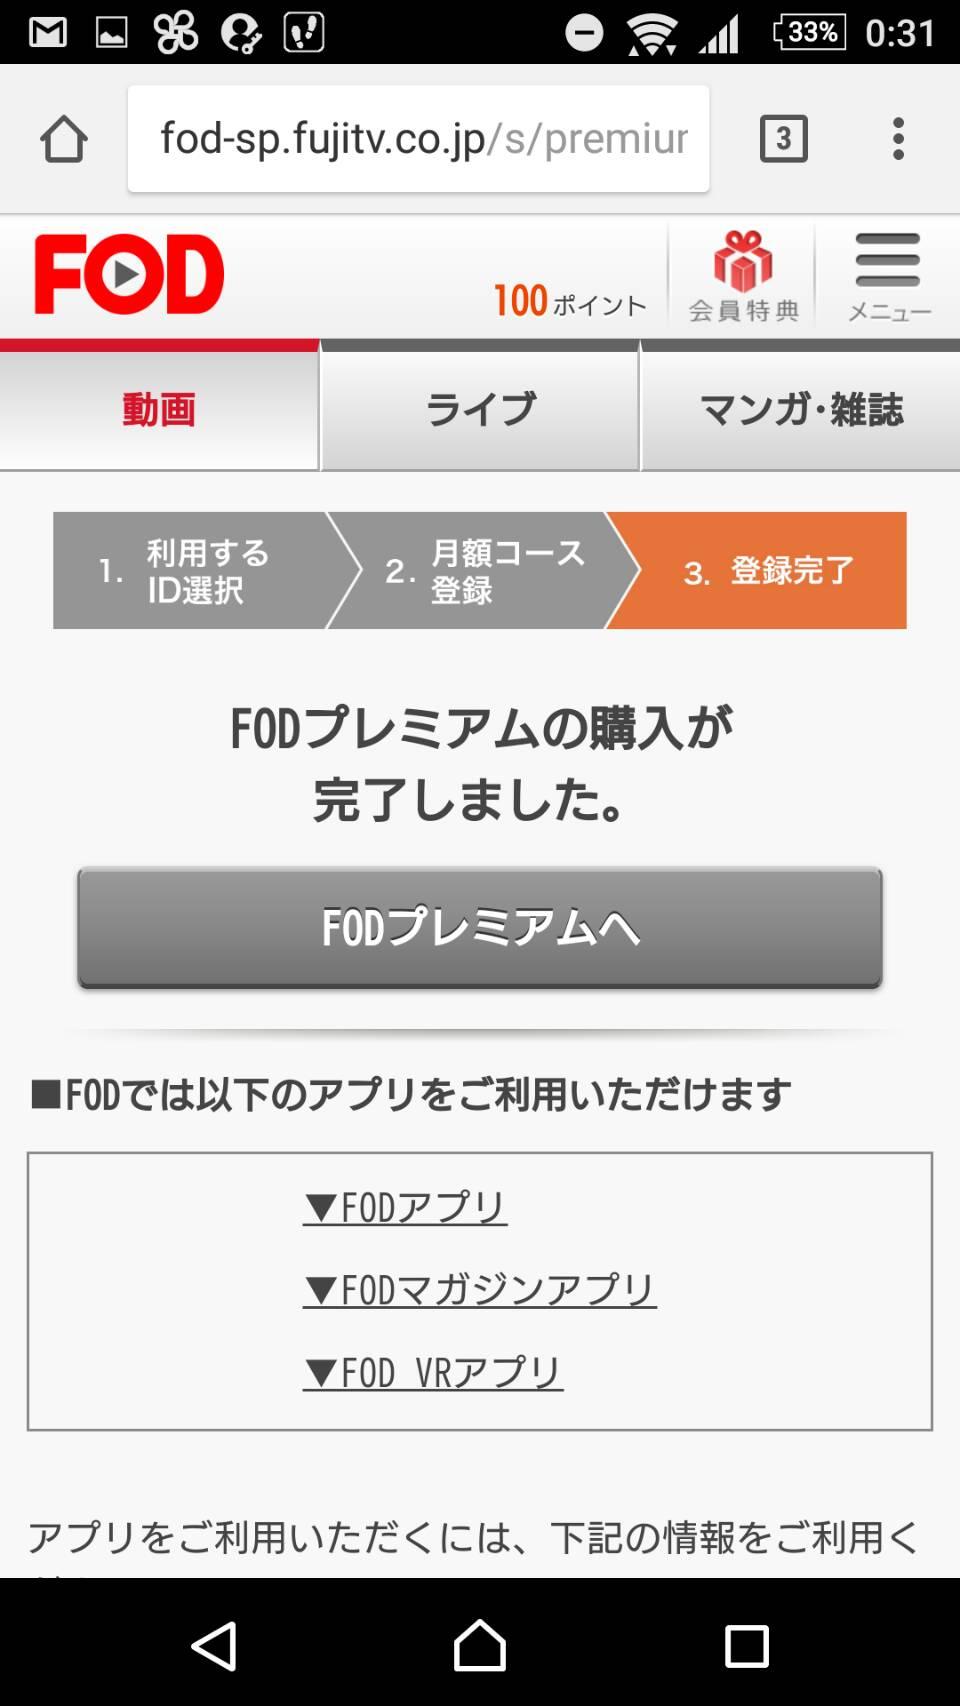 FODプレミアムの購入完了画面の画像